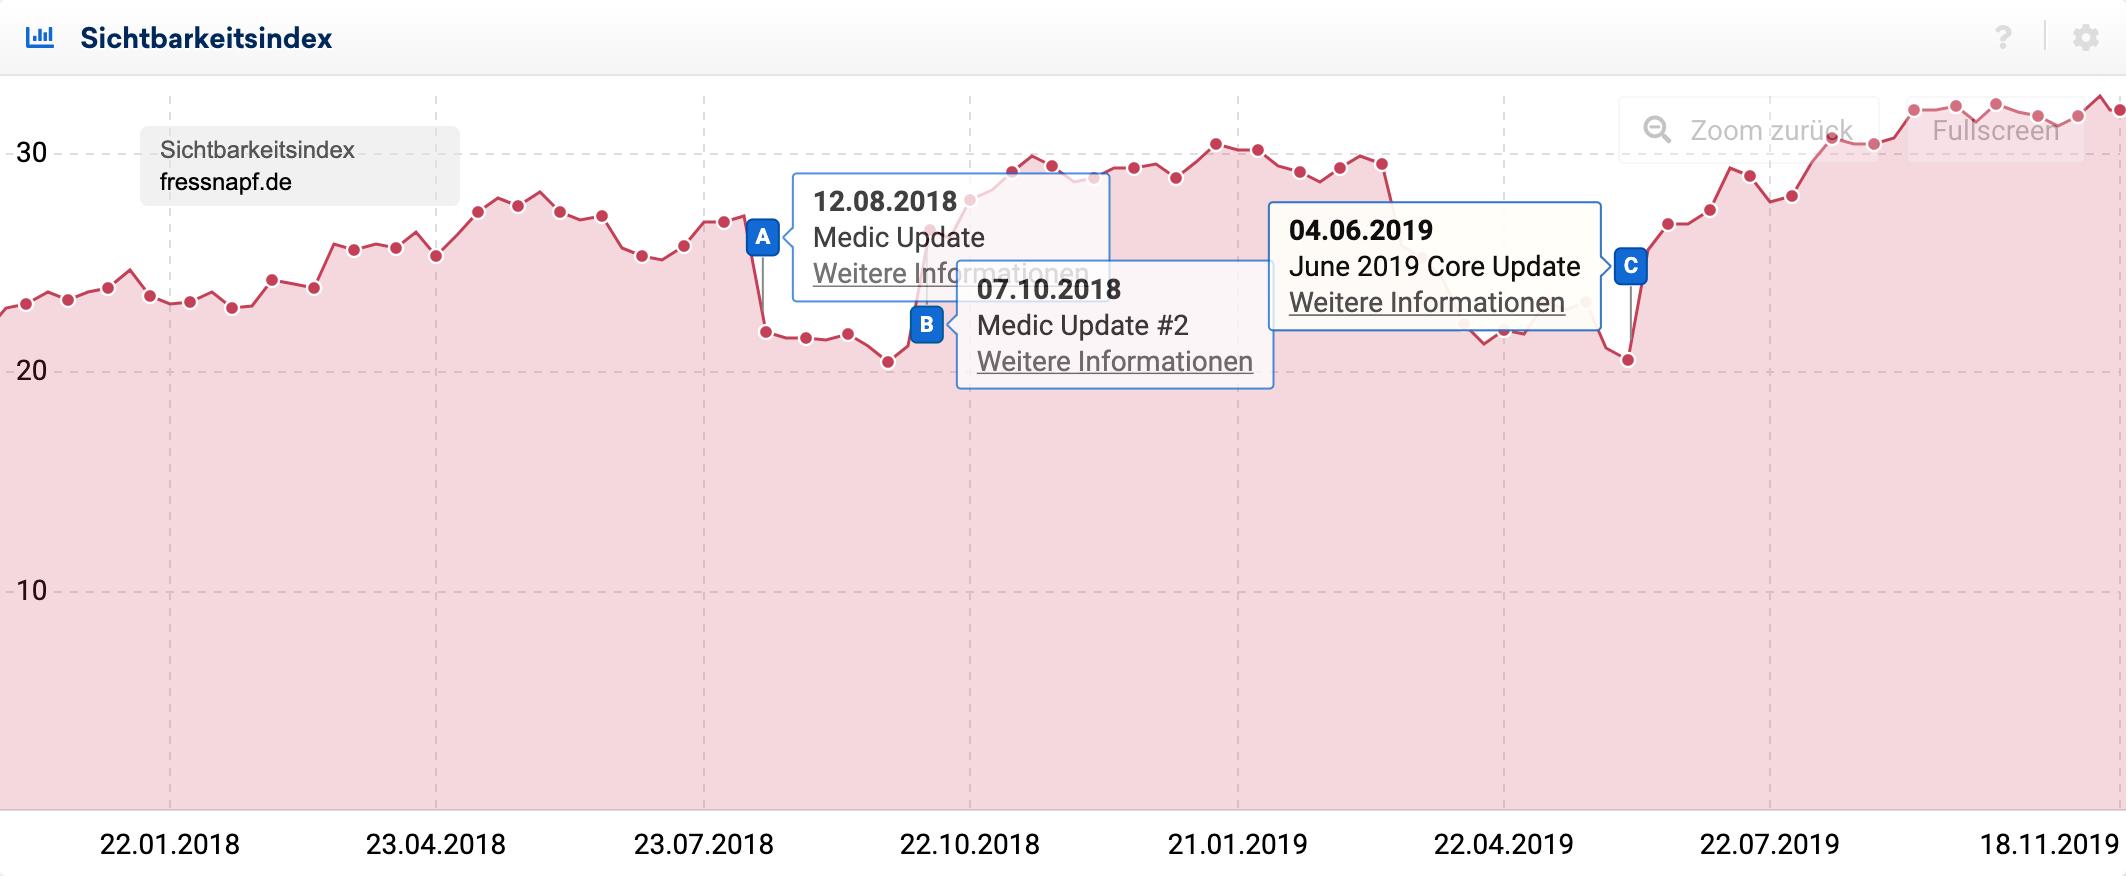 Sichtbarkeitsverlauf für fressnapf.de seit Januar 2018. Es werden drei blaue Pins angezeigt, bei denen Auf- und Abwärts-Gaps im Verlauf zu sehen sind, an Zeitpunkten von bestätigten Google Core Updates.